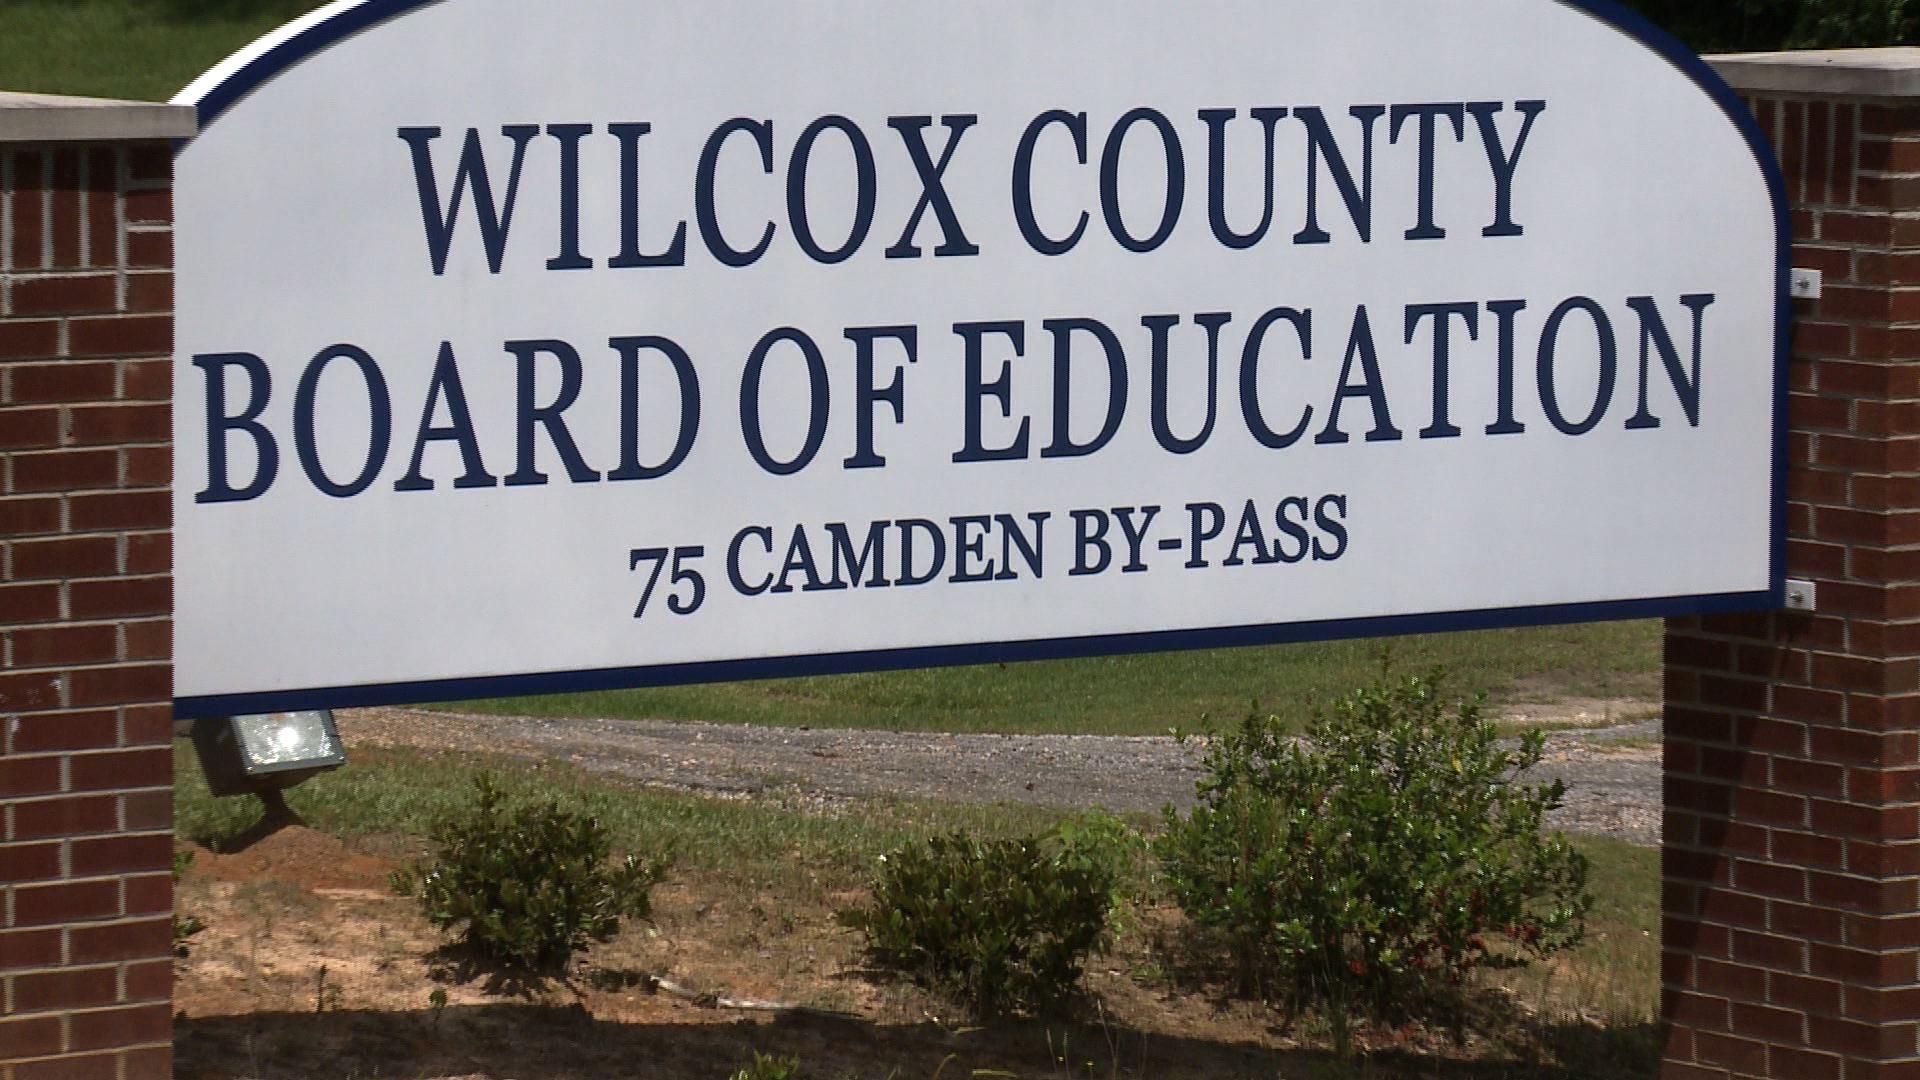 Alabama wilcox county camden - From The West Alabama Newsroom